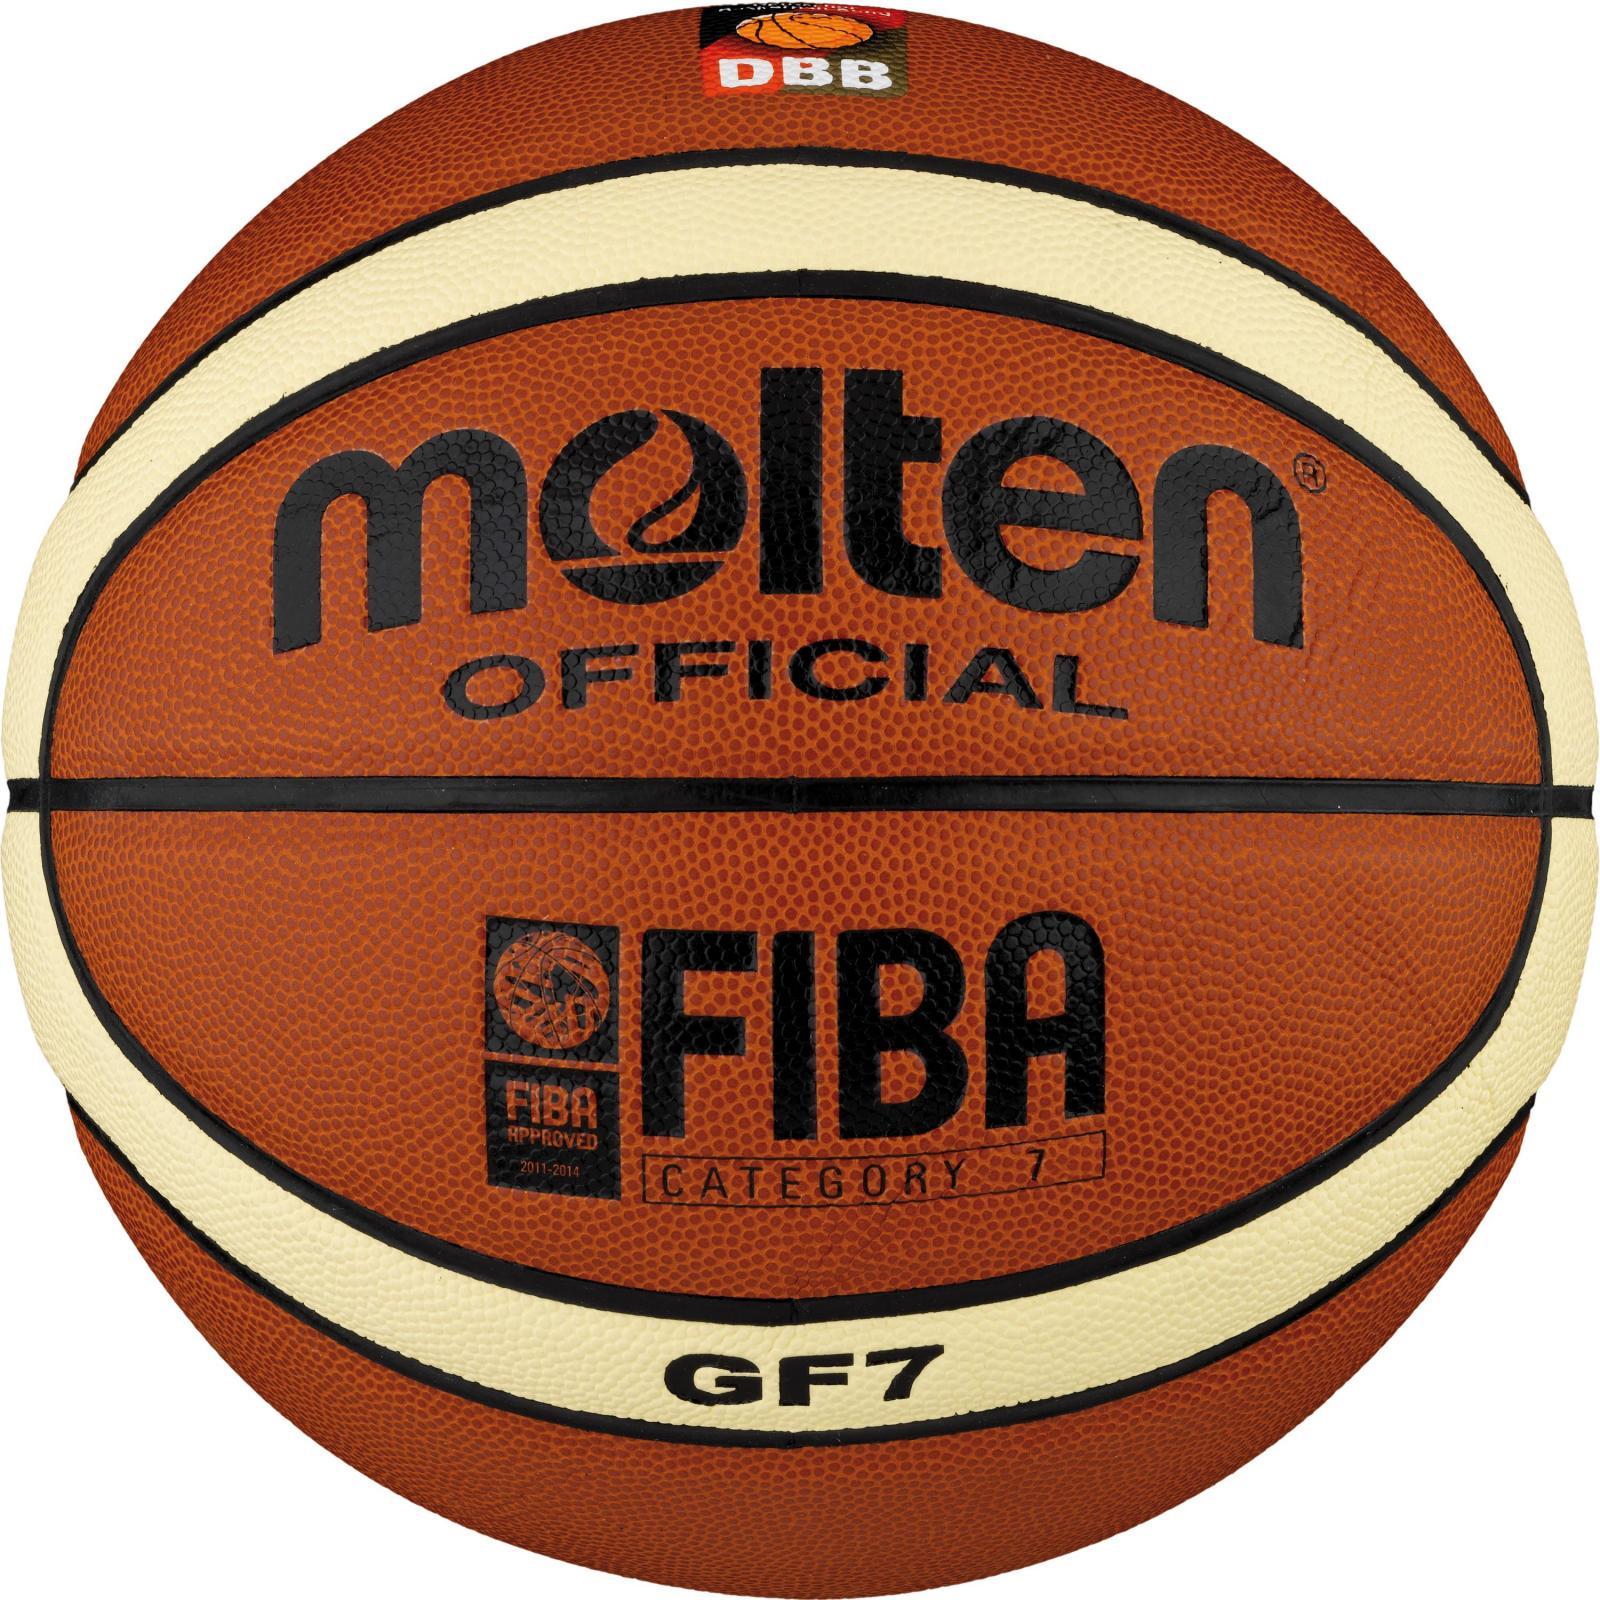 Basketbalový míč vel. 7 Míč na basketbal Molten vel. 7